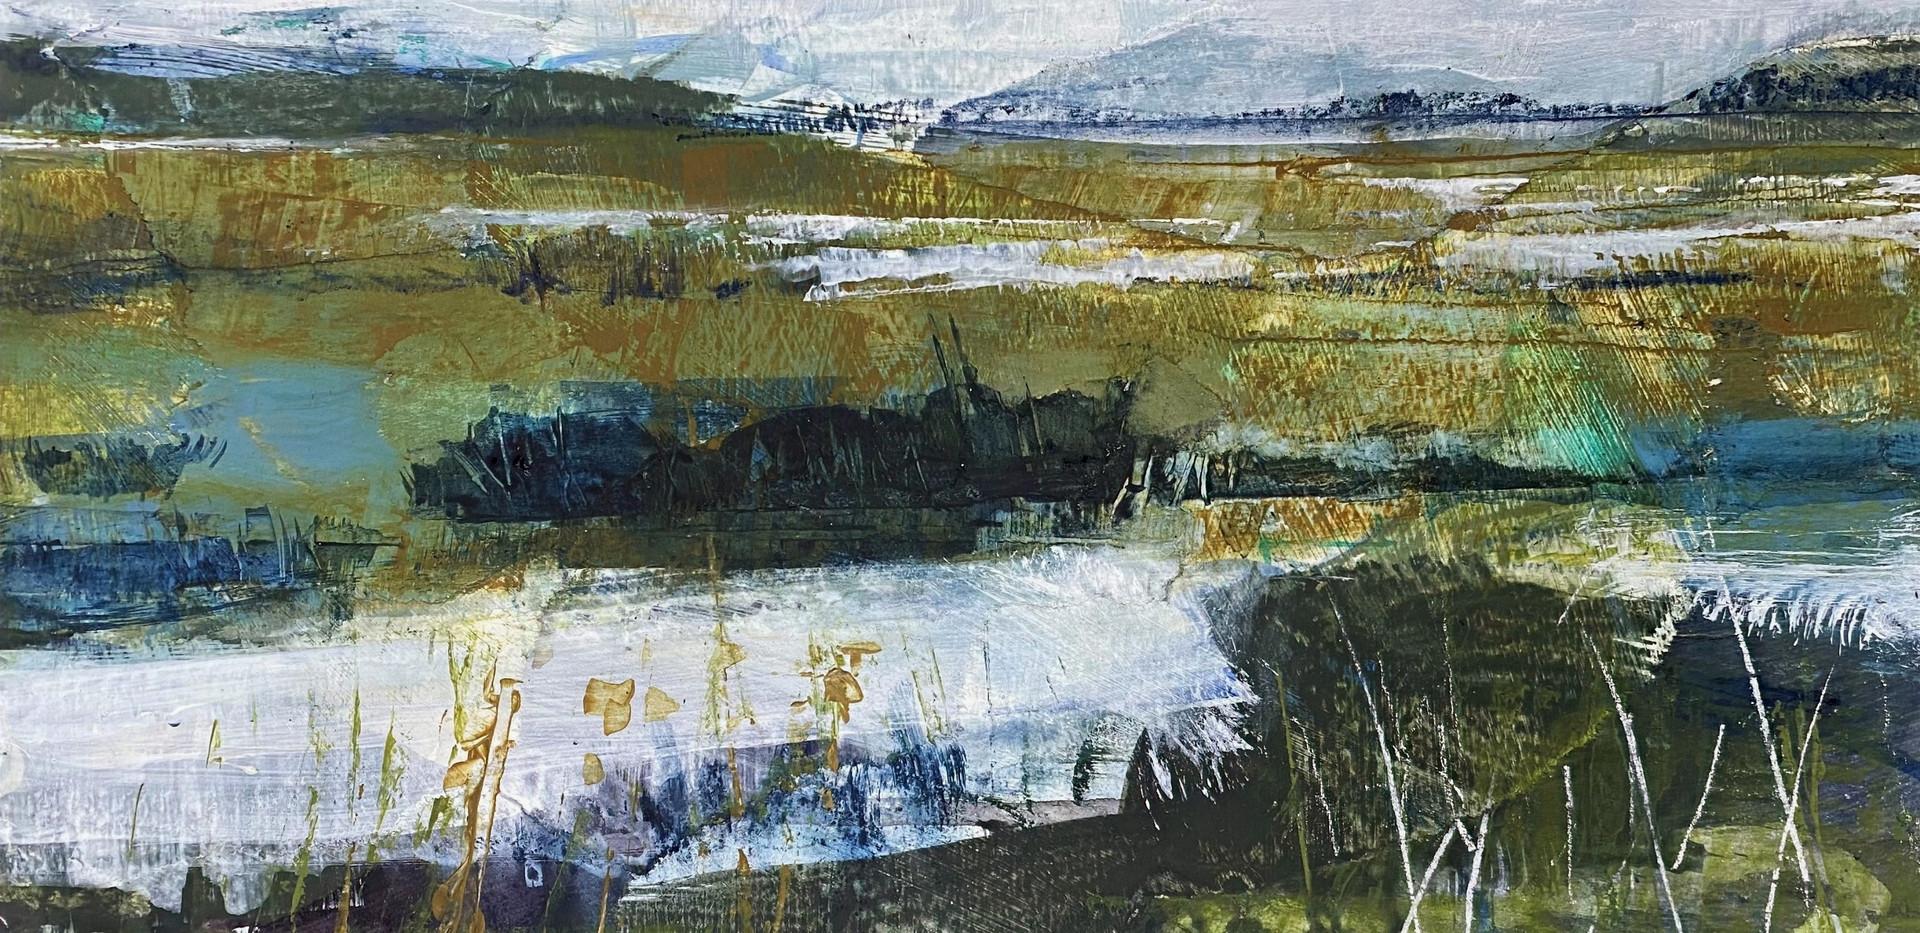 Wetland Outlook